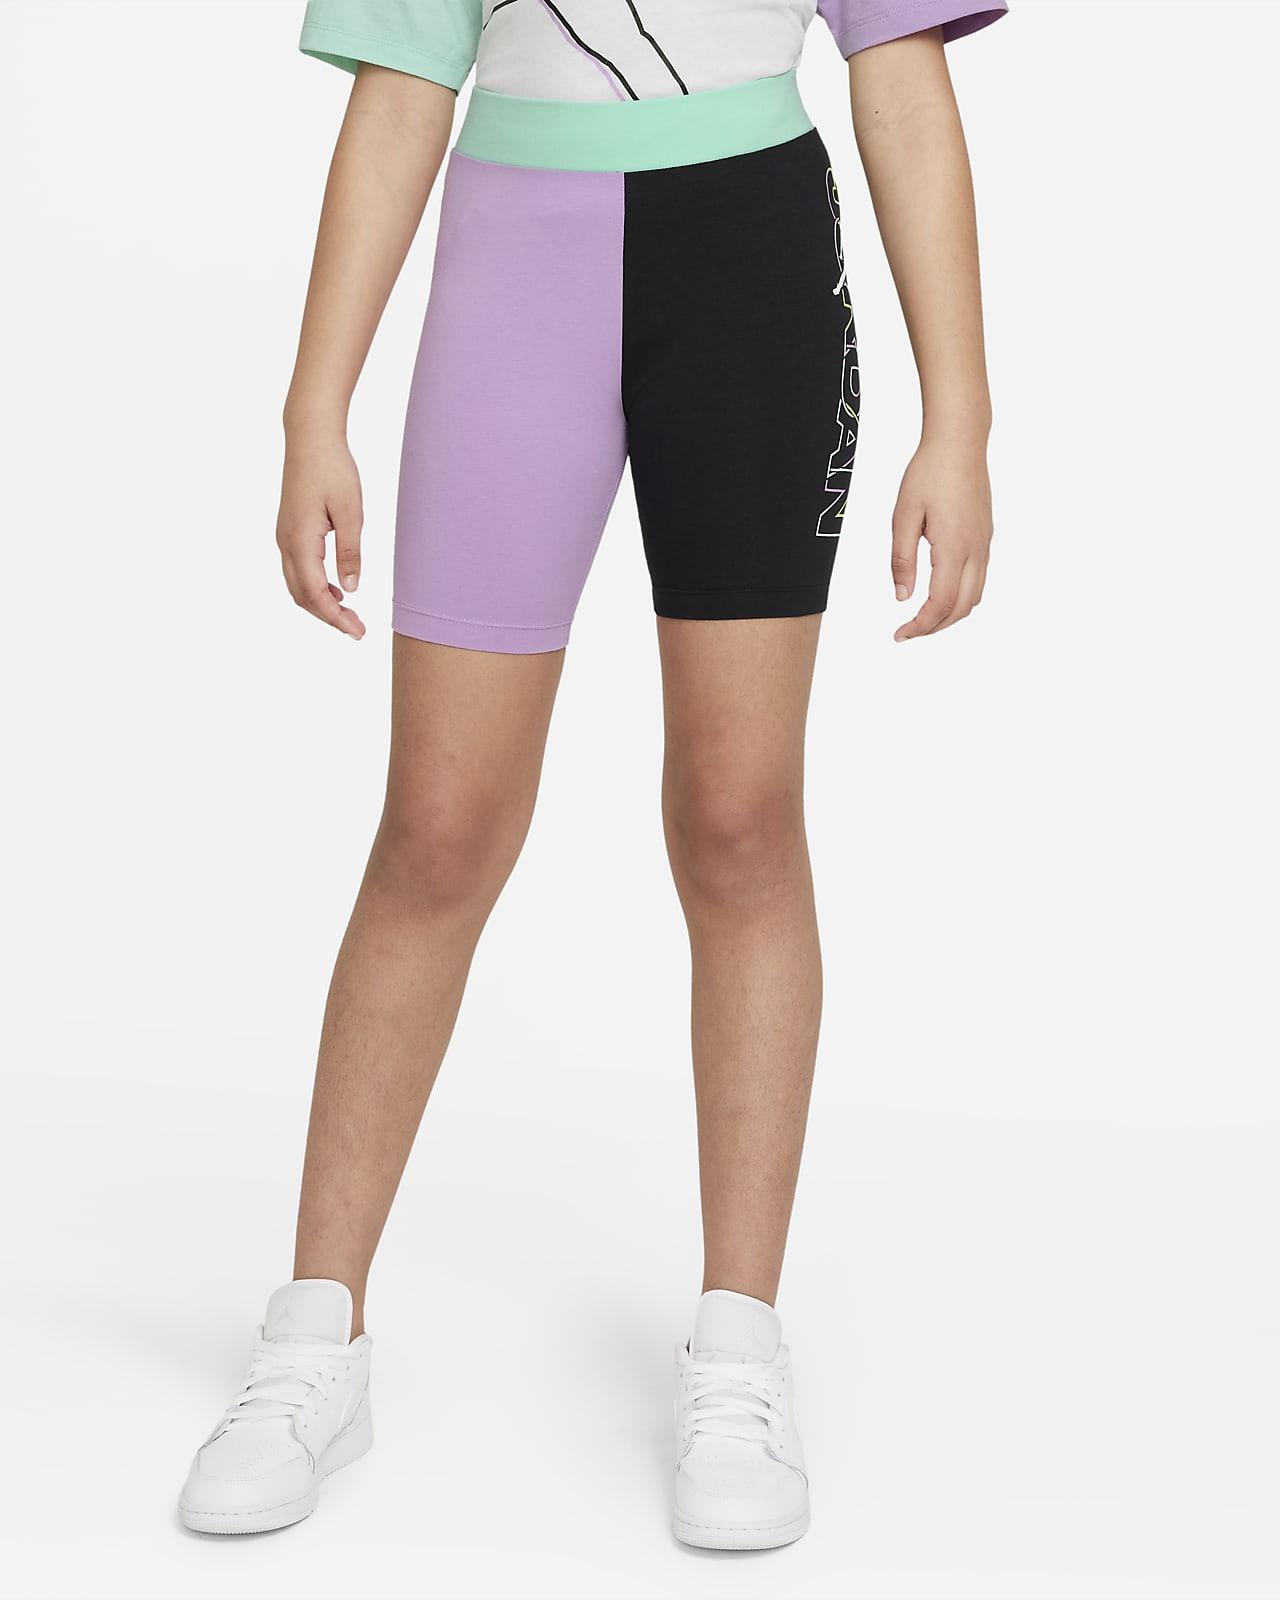 Shorts de ciclismo Jordan de cintura alta para niñas talla grande